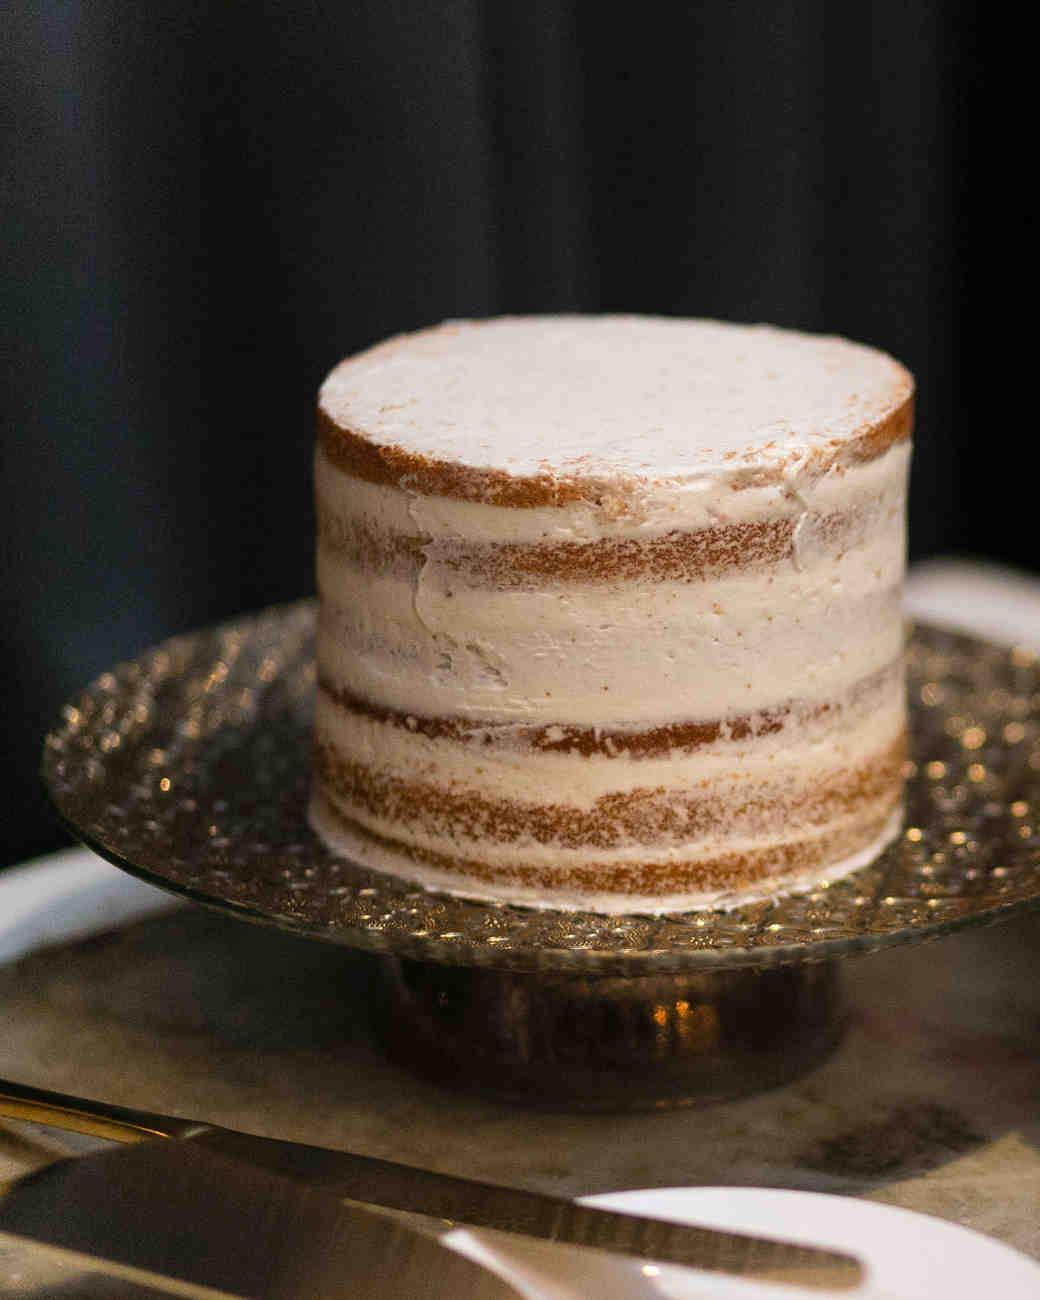 bianca-bryen-wedding-cake-476-s112509-0216.jpg